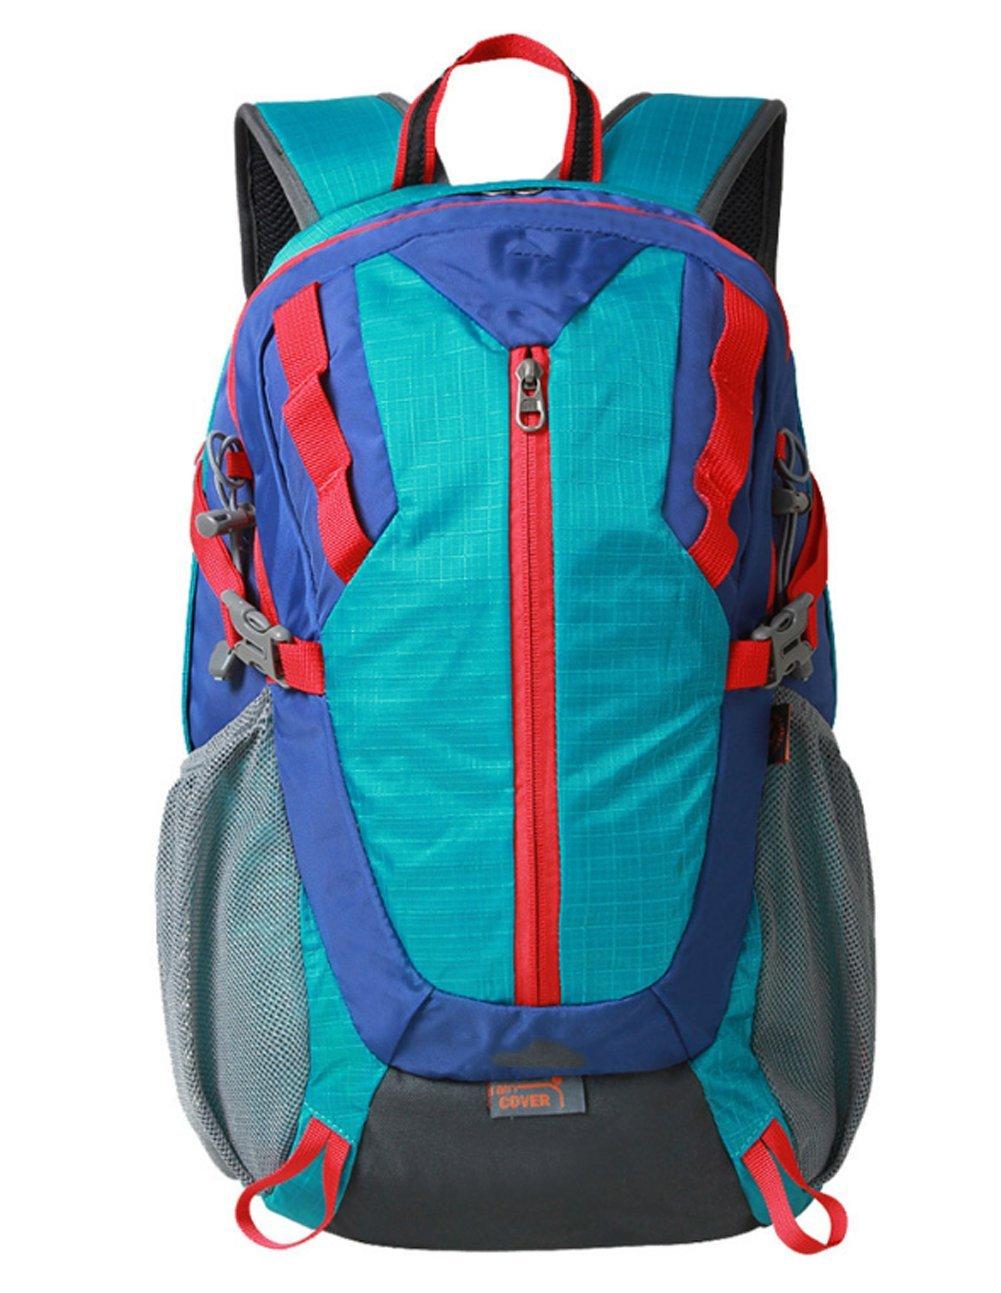 Nlne Outdoor Schulter Multifunktions-Wasserdicht Groß Jagd Bergsteigen Camping Wandern Tactical Rucksack